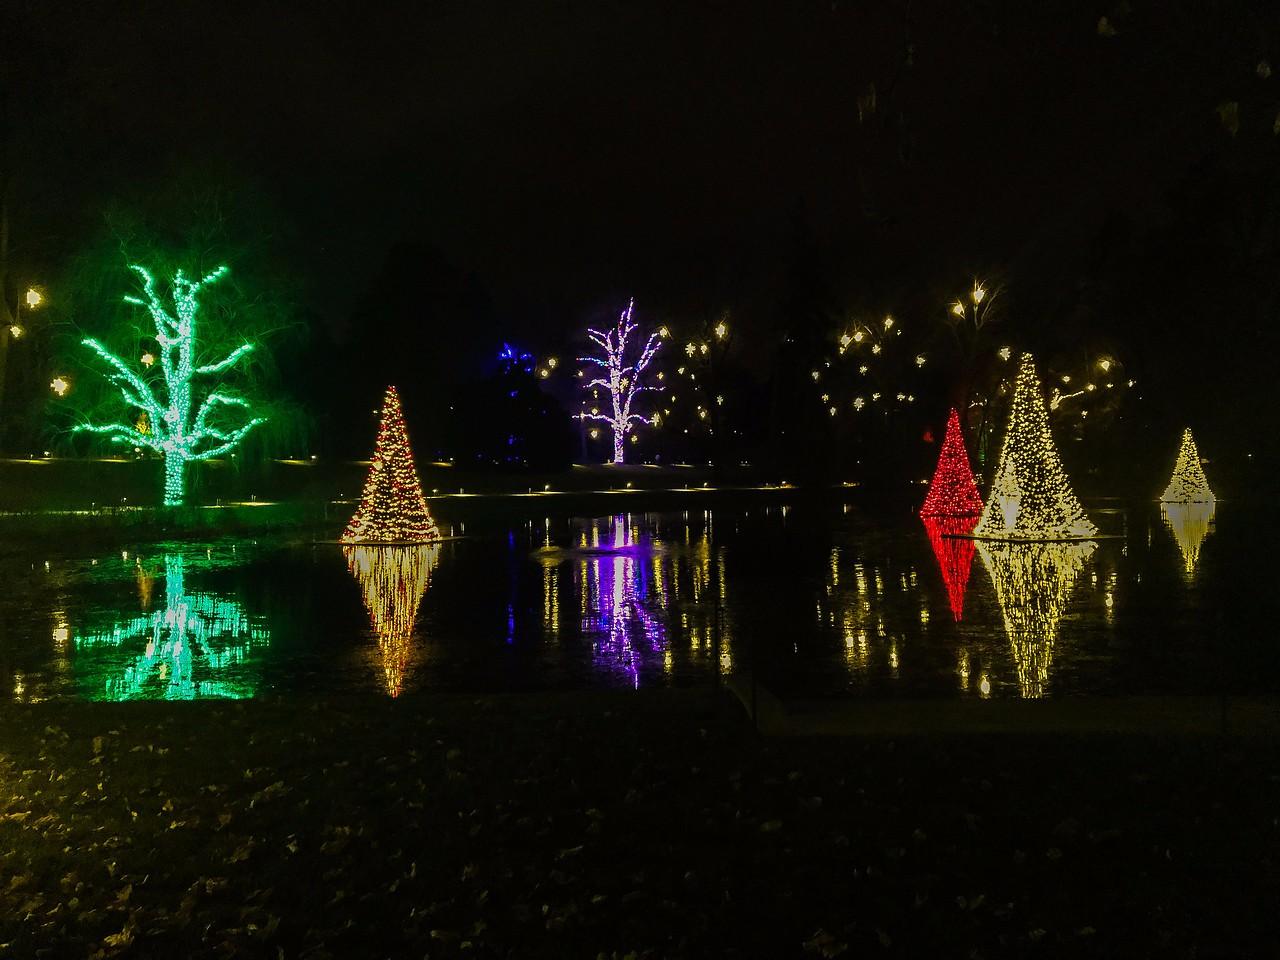 费城长木公园,夜幕下的灿烂_图1-1